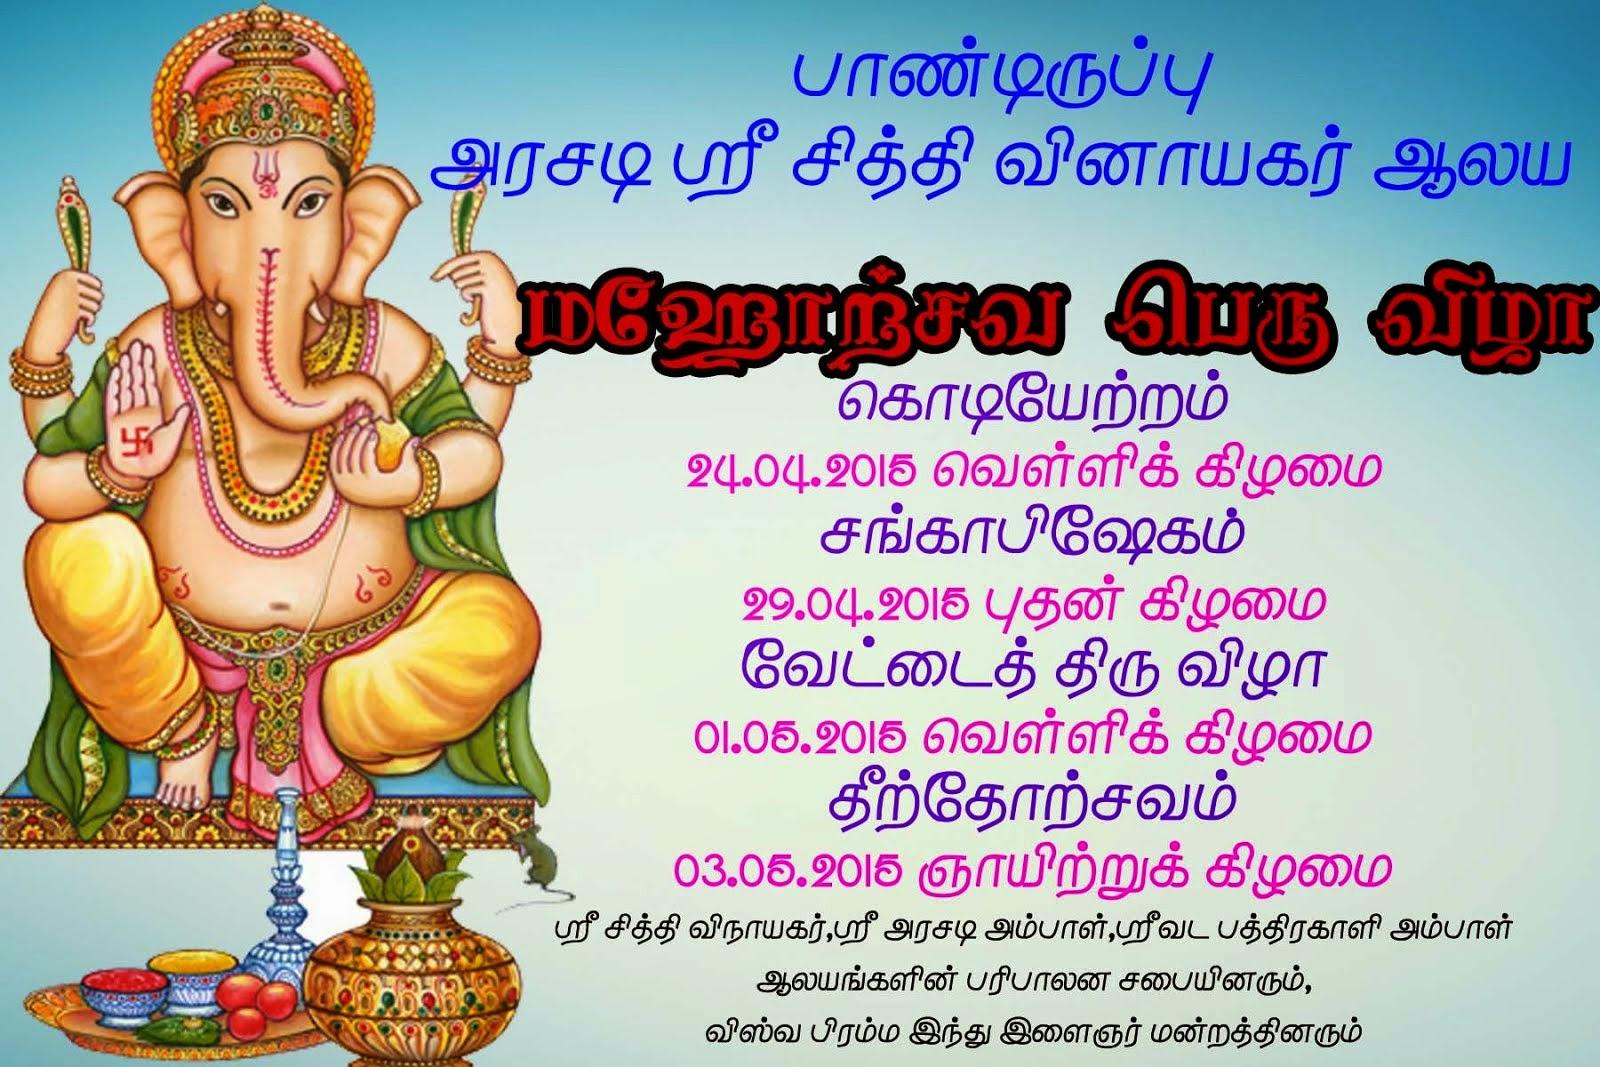 பாண்டிருப்பு அரசடி ஸ்ரீ சித்தி விநாயகர் ஆலய  வருடாந்த மஹோற்சவம்